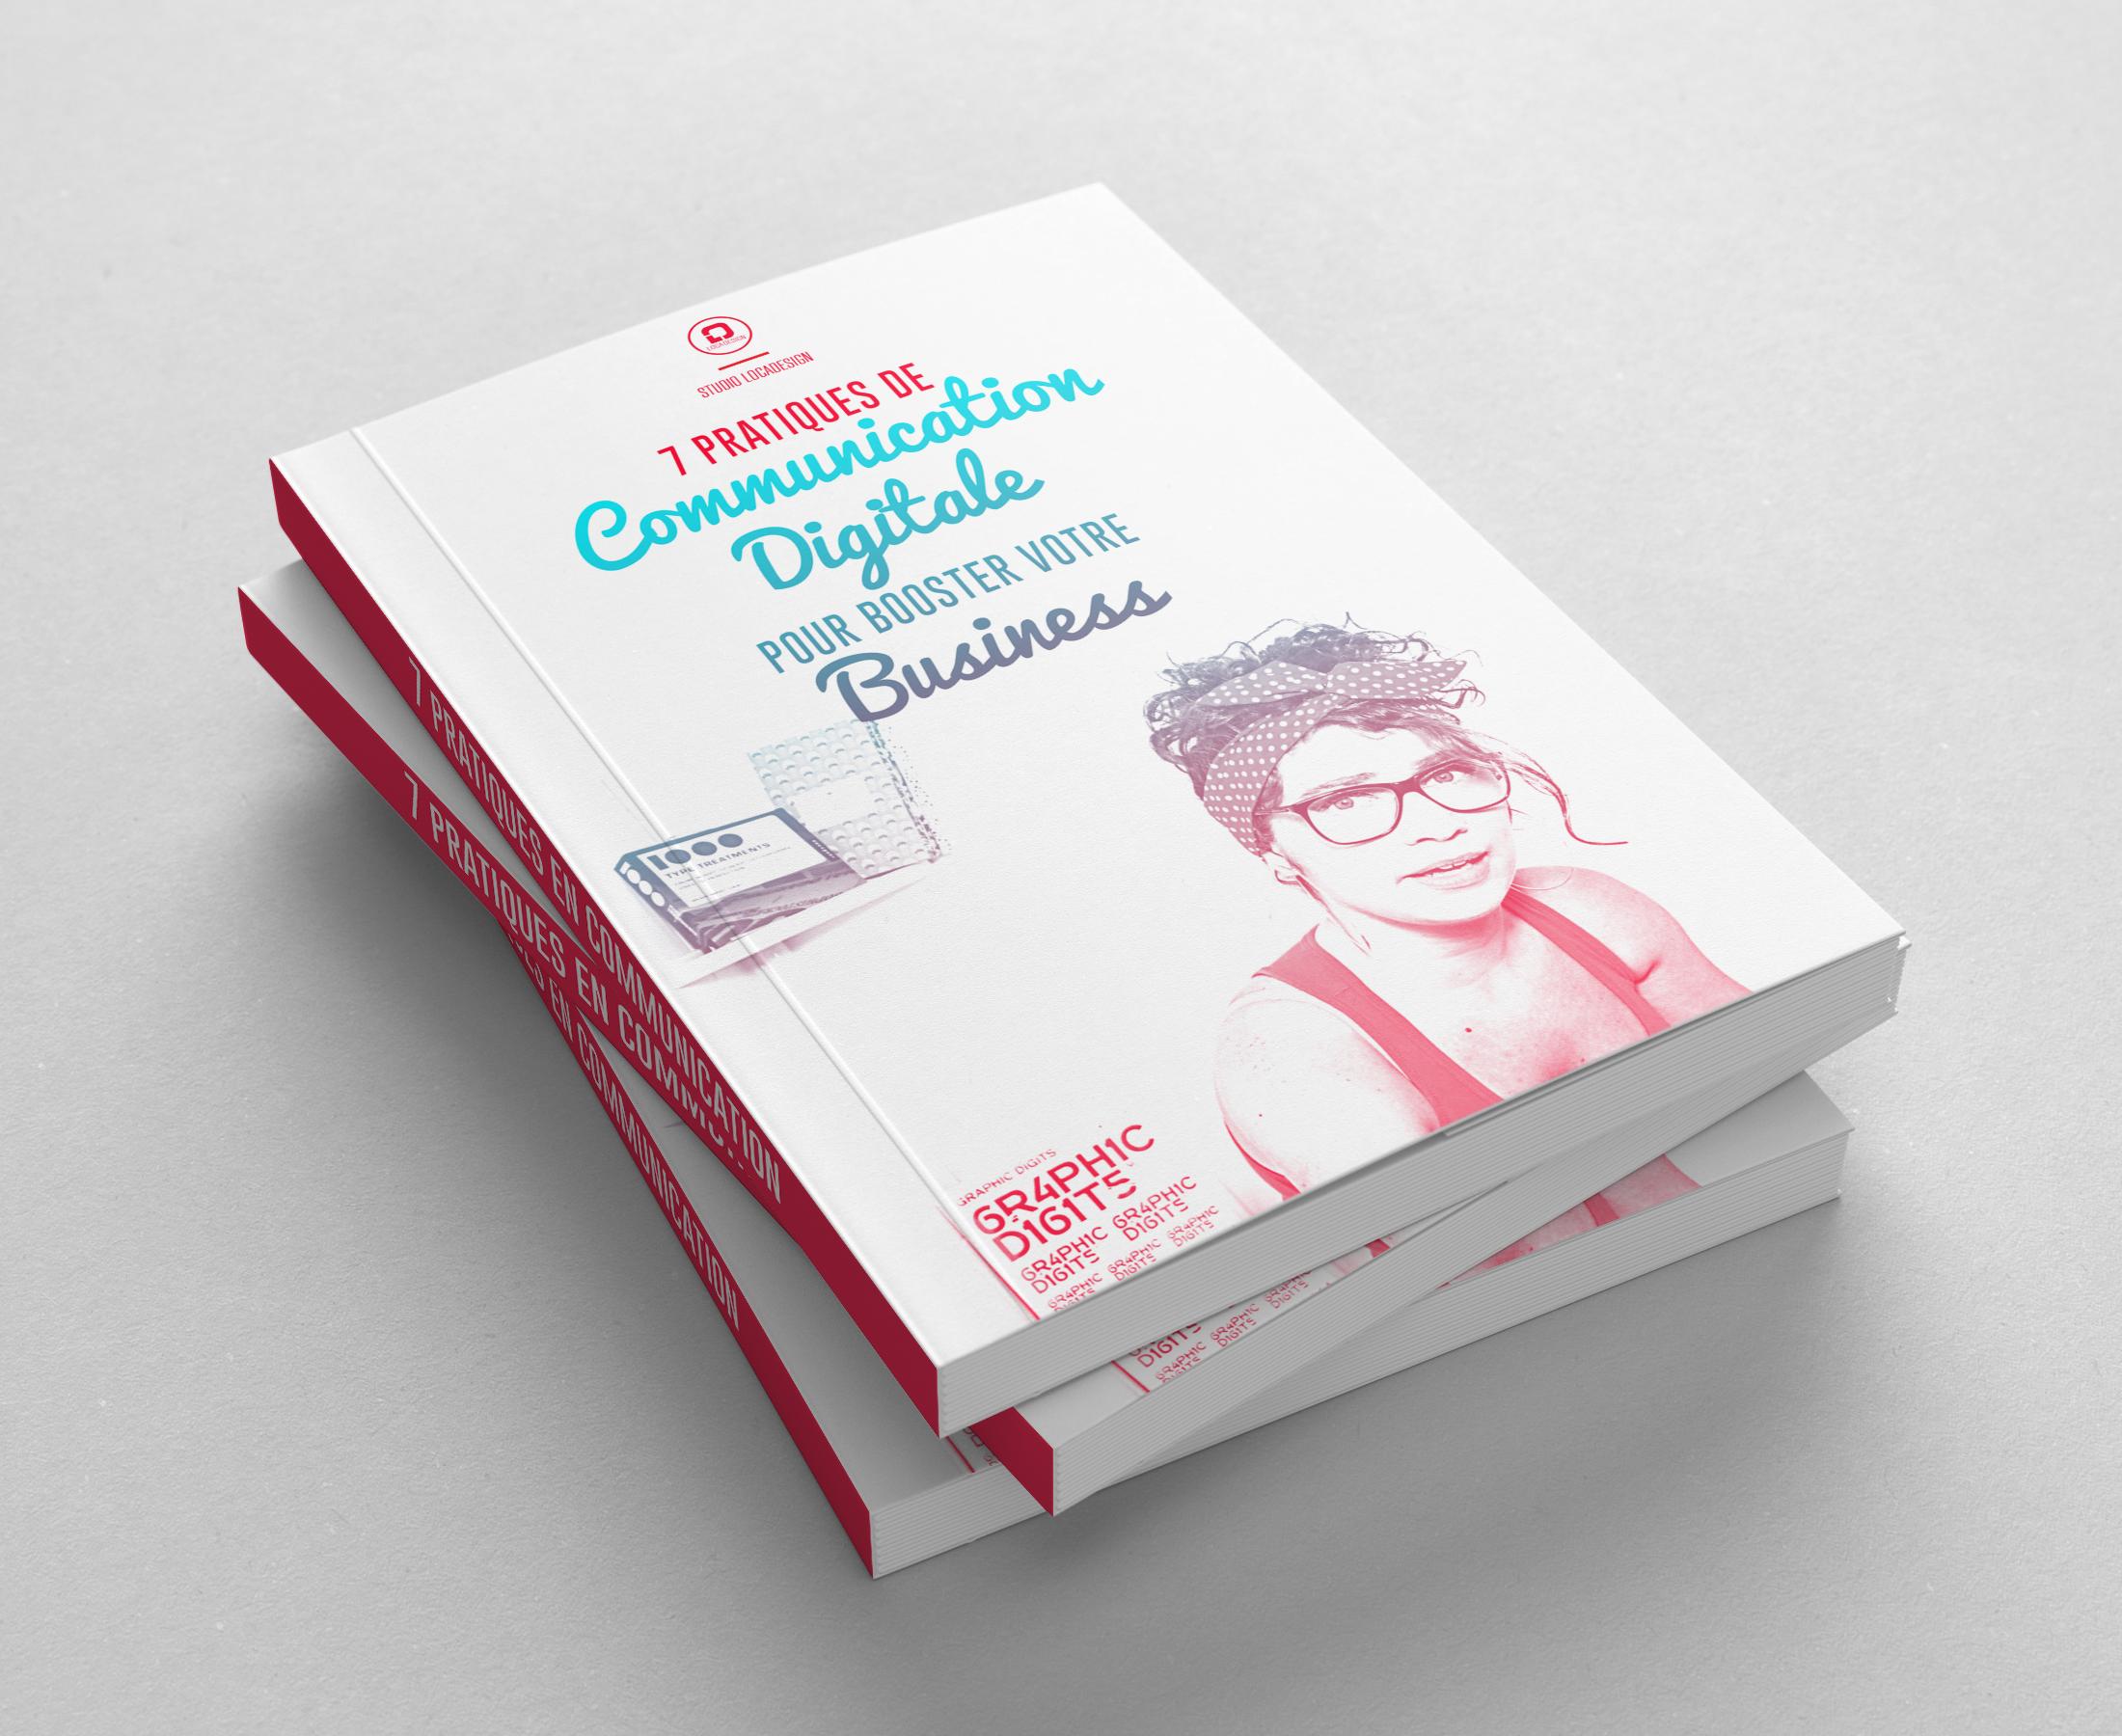 LeadMagnet-Ebook offert - Studio Locadesign - Communiquer avec une image alignée